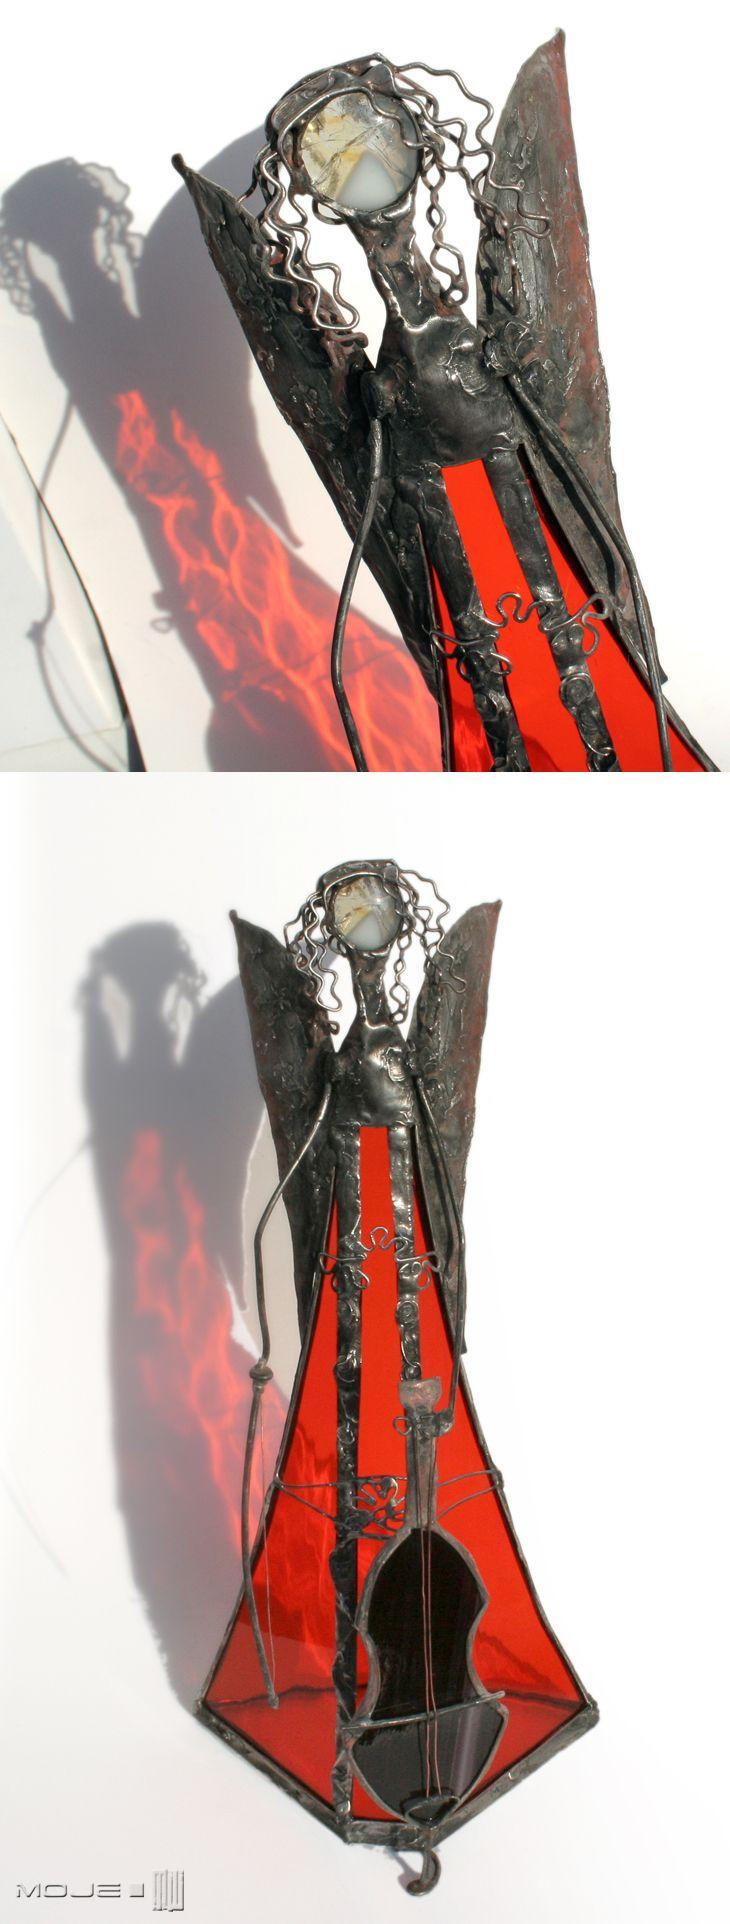 Bialode. Anioł z wiolonczelą / Angel with cello. Witraż Tiffany / Tiffany Stained Glass. Dekoracje do domu. Glass Angel. Moje MW